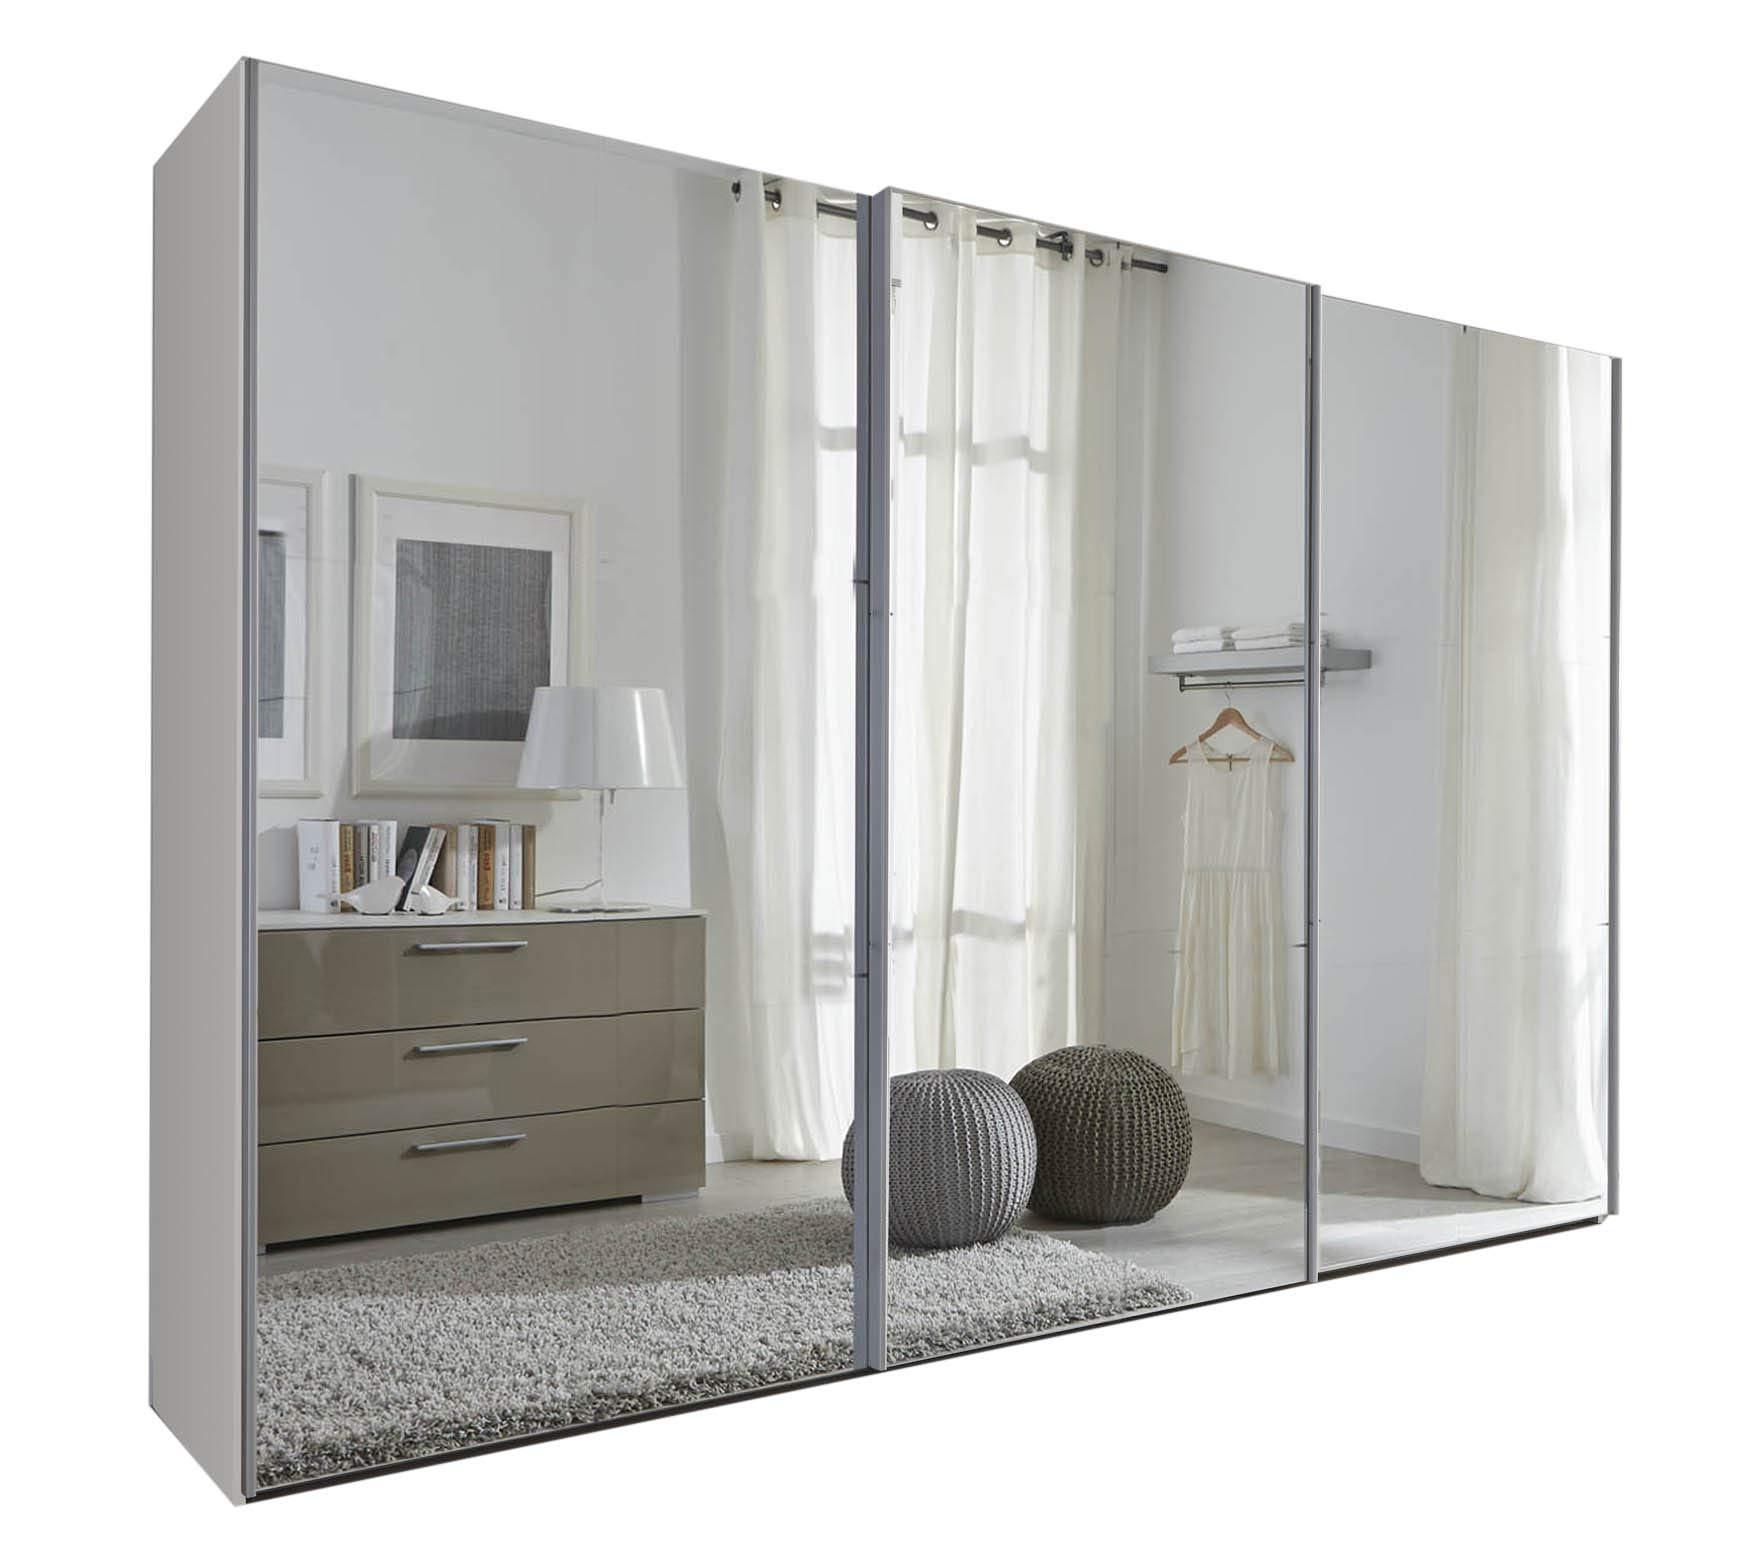 Sliding Robe Blanco Puerta KOMET: Espejo Puerta corredera Armario – 301 cm de Ancho – alemán Hecho Muebles de Dormitorio: Amazon.es: Hogar